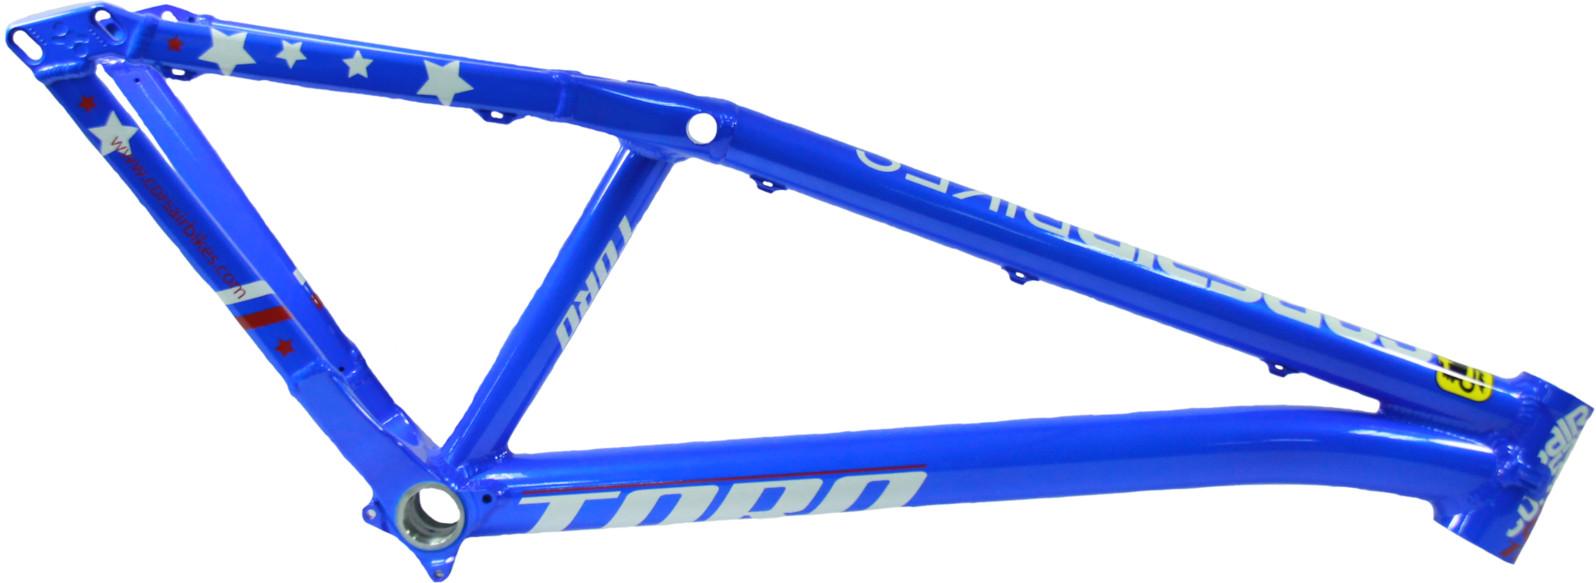 Toro Blue